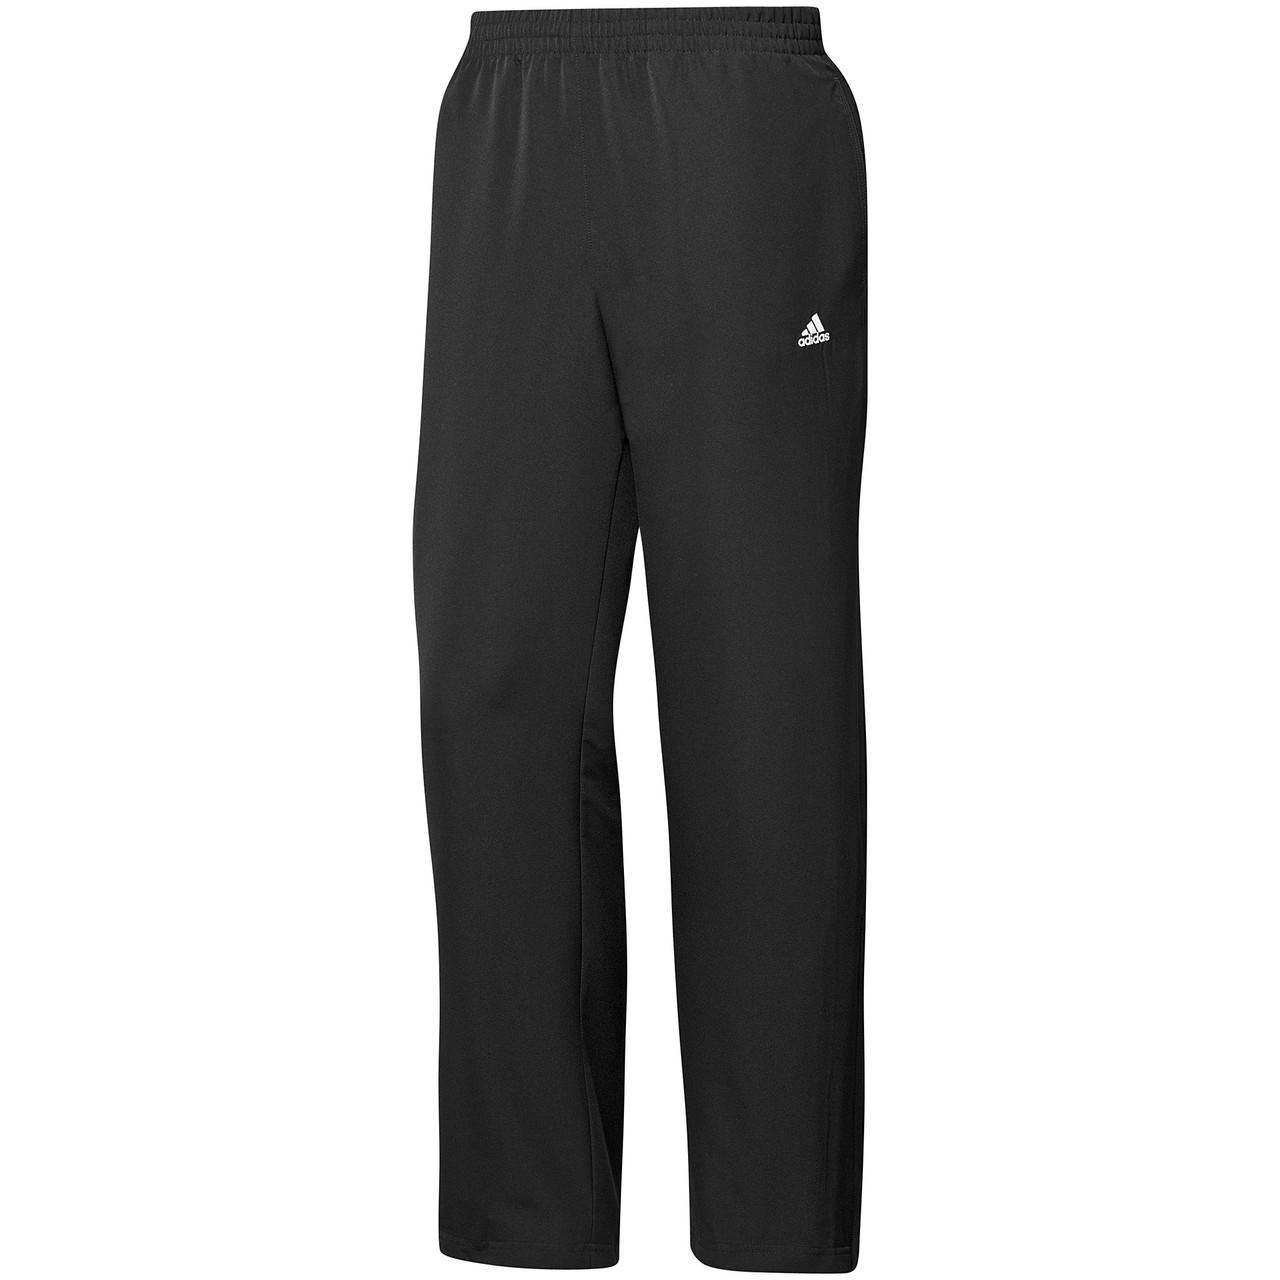 Чоловічі штани adidas Winter Fleece Pant